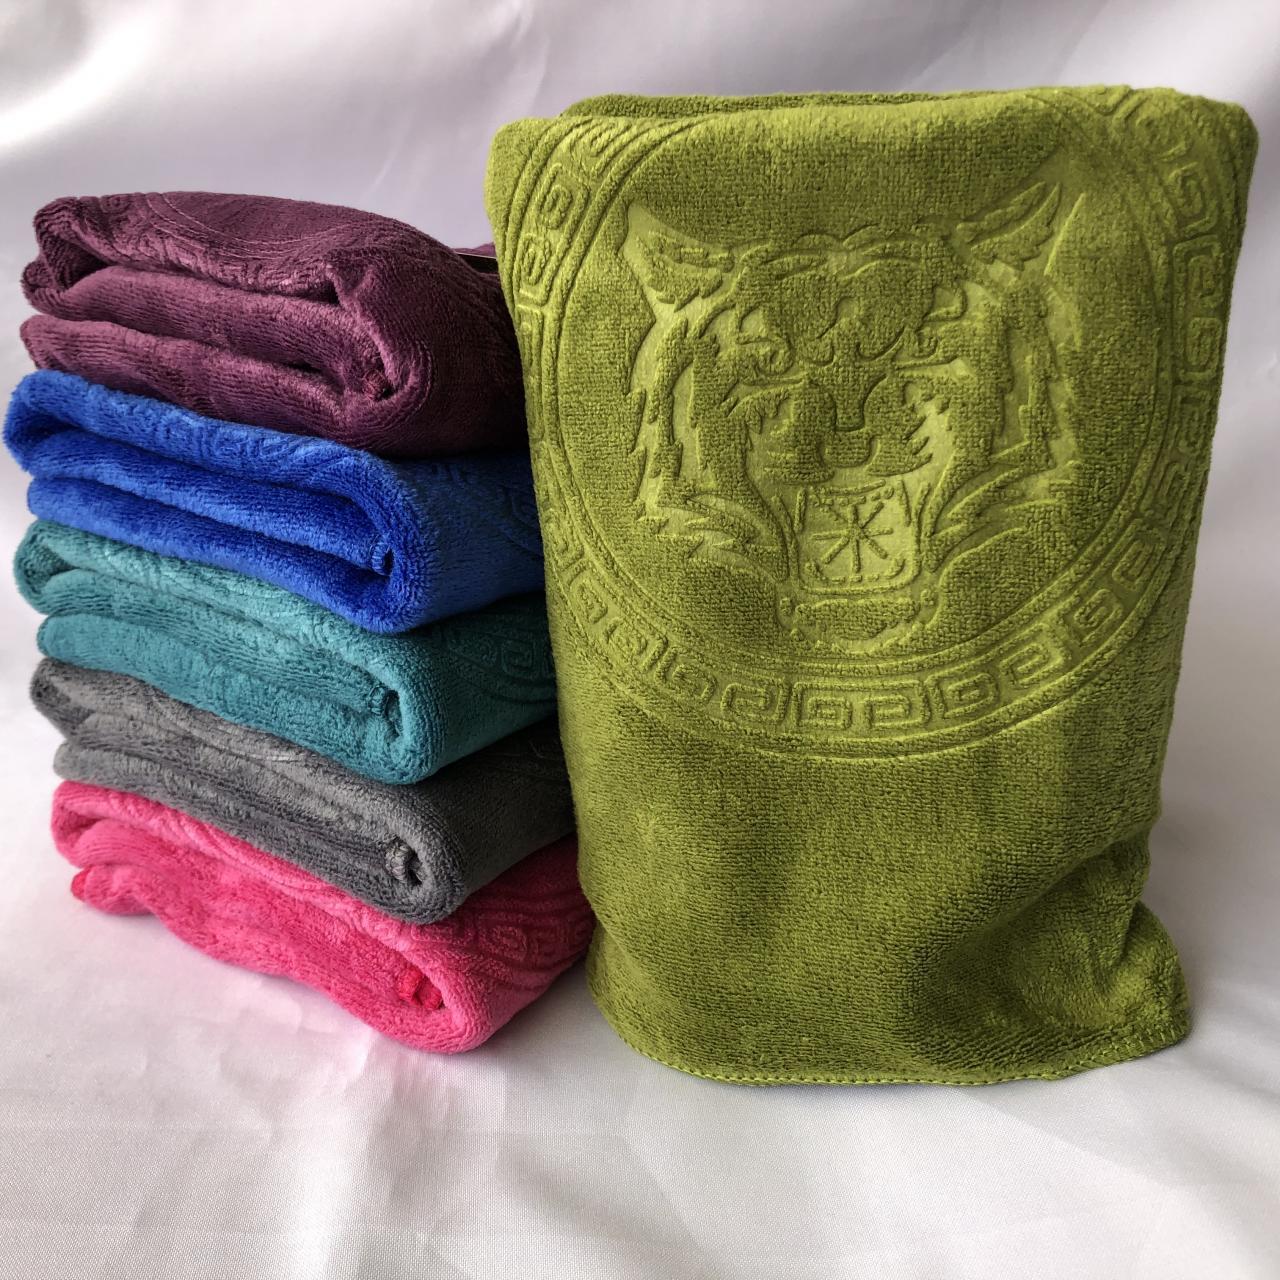 Красивый набор   полотенец     . Размер:1,0 x 0,5